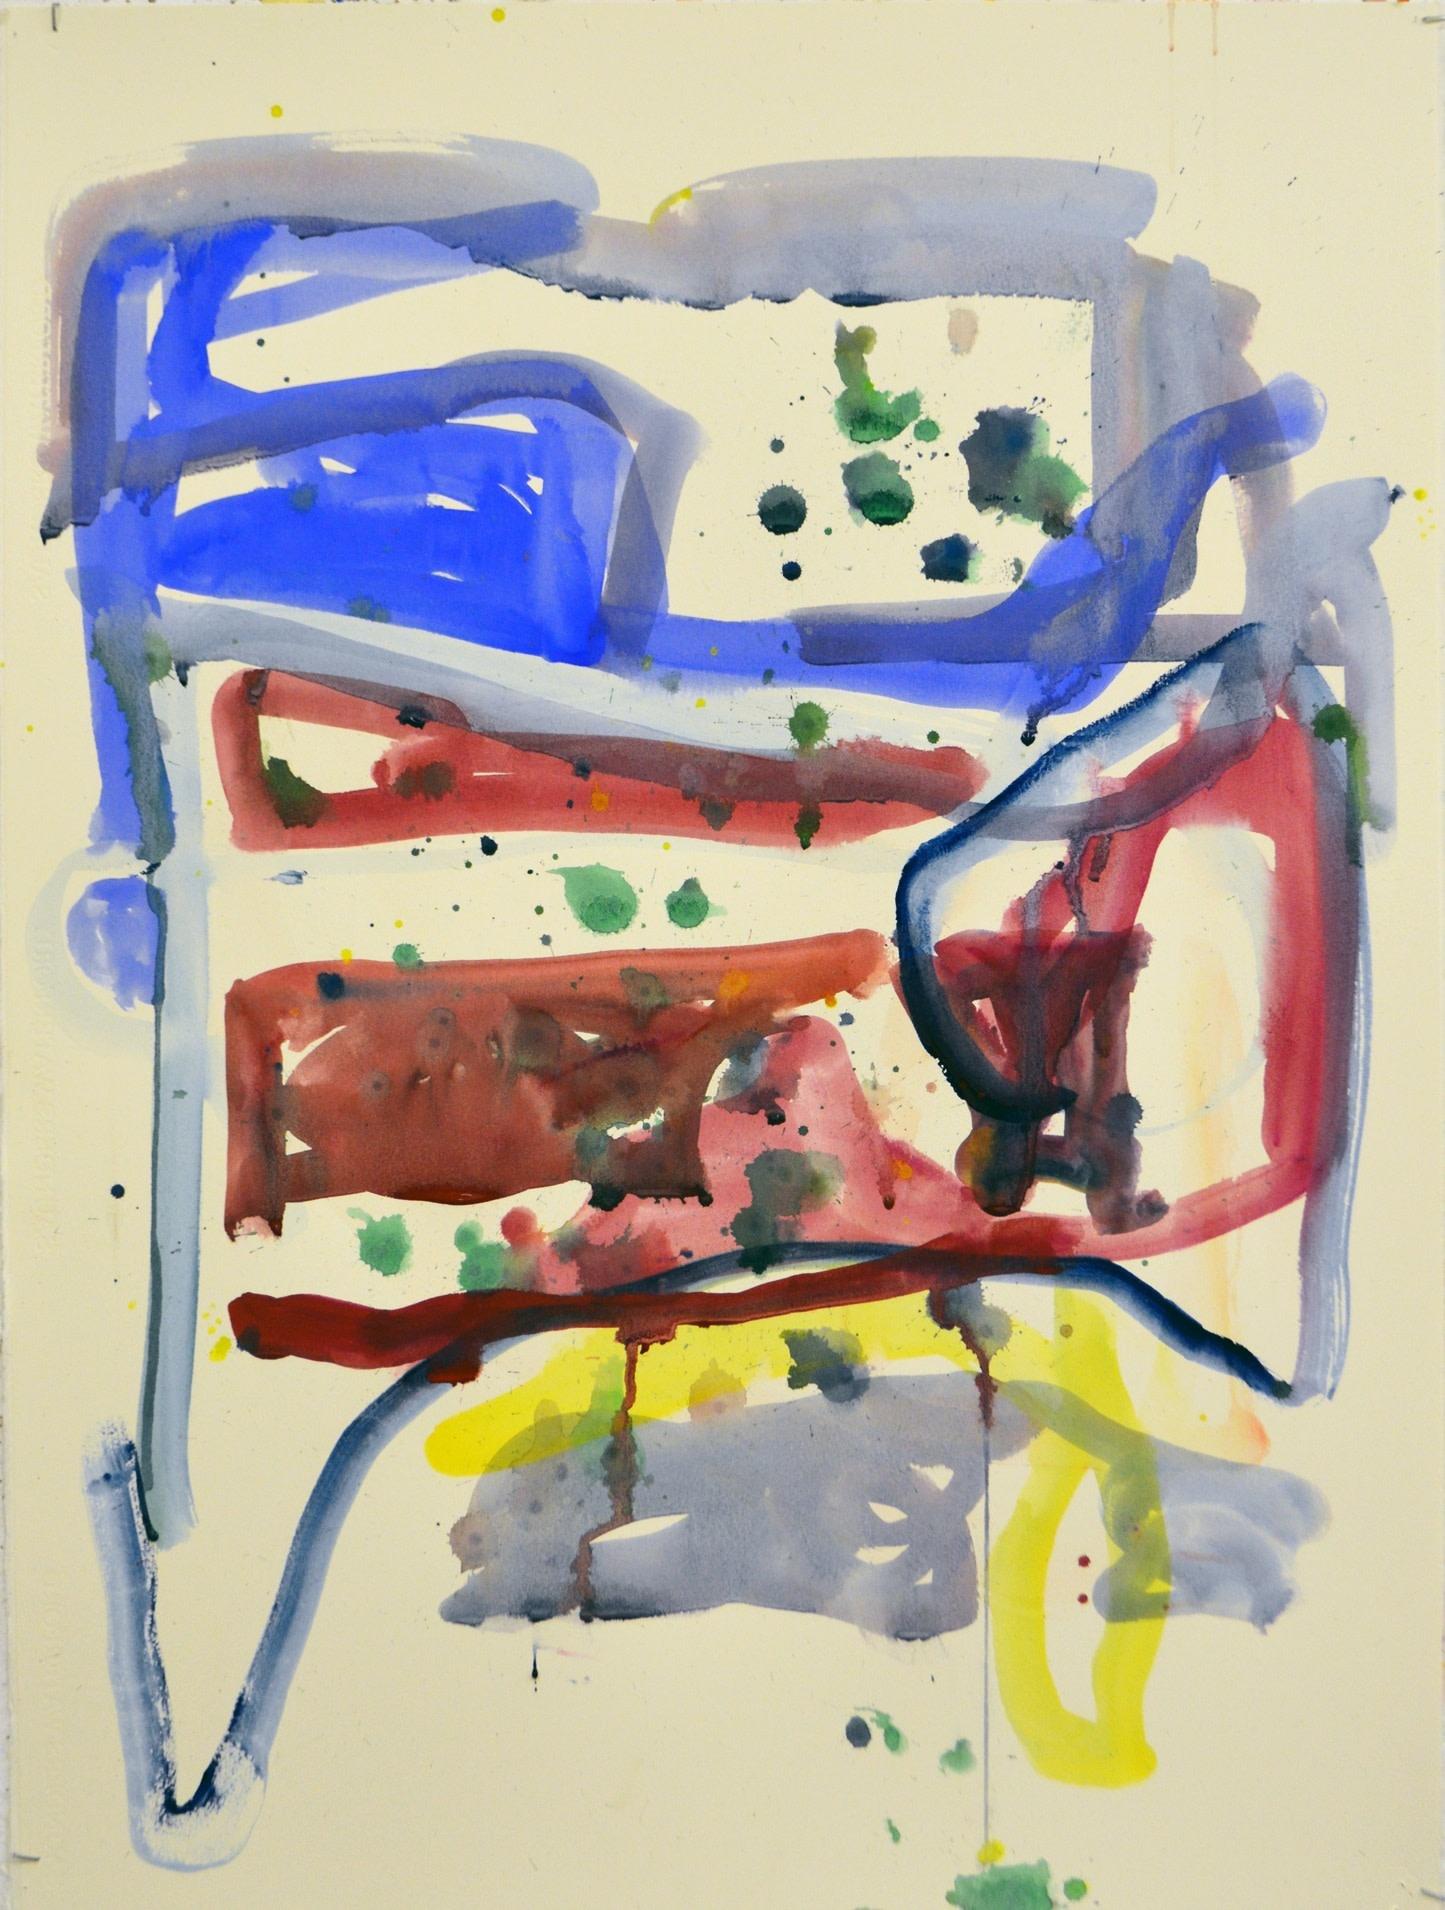 <span class=&#34;link fancybox-details-link&#34;><a href=&#34;/exhibitions/24/works/artworks_standalone10705/&#34;>View Detail Page</a></span><div class=&#34;artist&#34;><span class=&#34;artist&#34;><strong>James Faure Walker</strong></span></div><div class=&#34;title&#34;><em>Downland</em></div><div class=&#34;medium&#34;>watercolour</div><div class=&#34;dimensions&#34;>100 x 80cm</div>